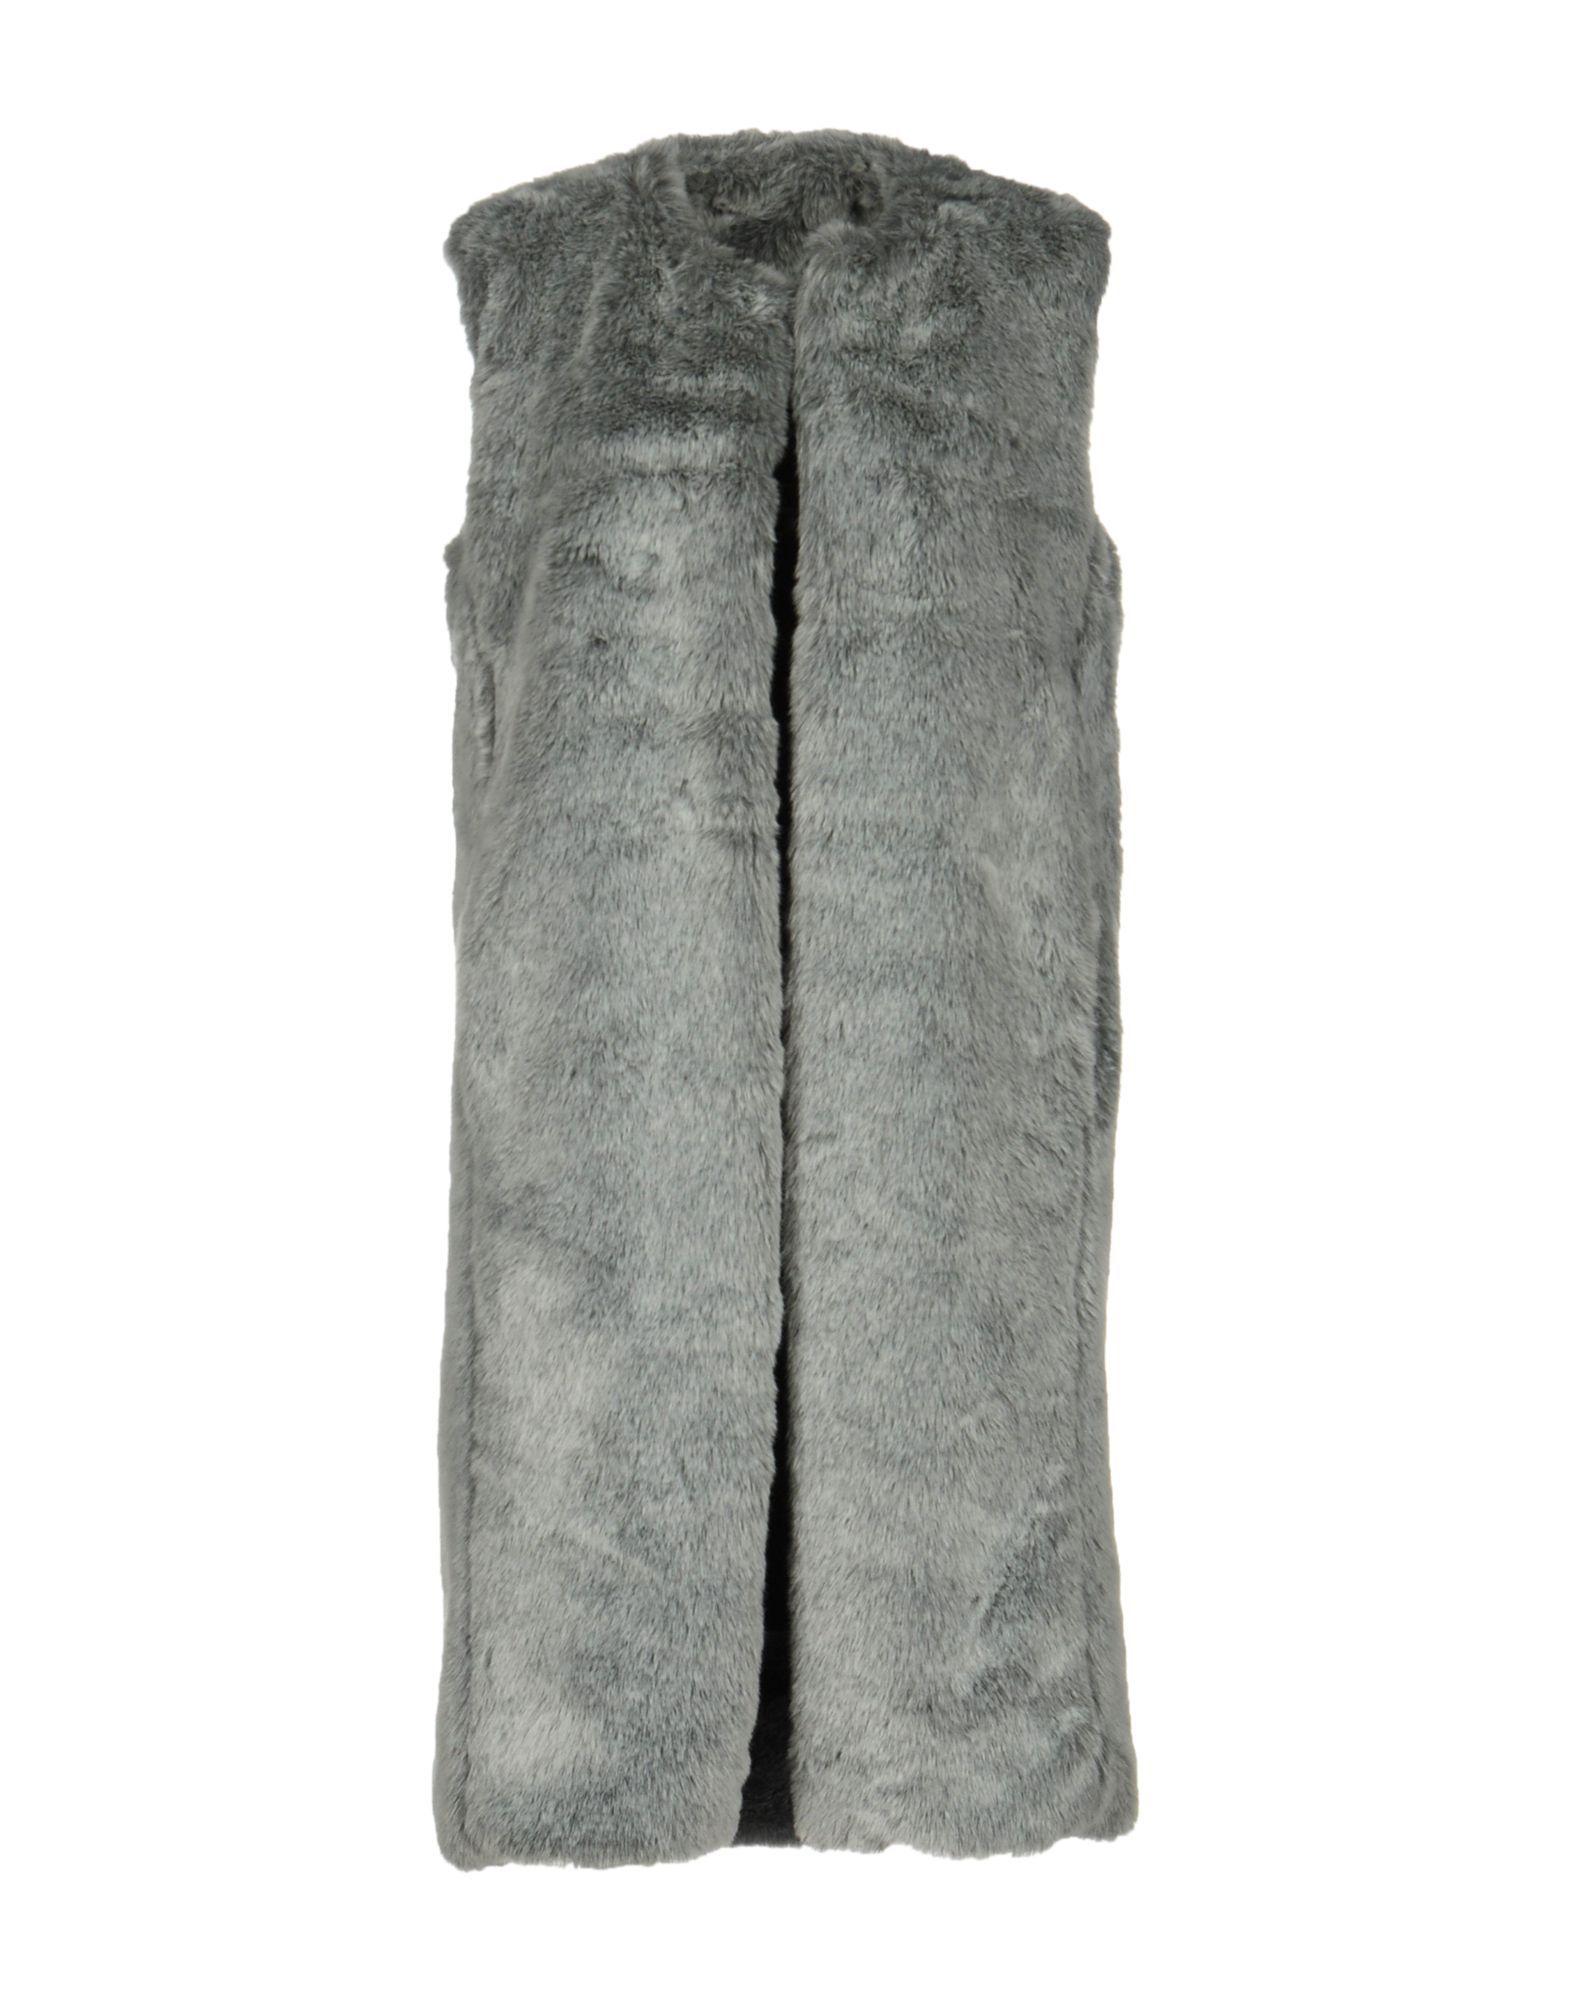 Jijil Light Grey Faux Fur Gilet